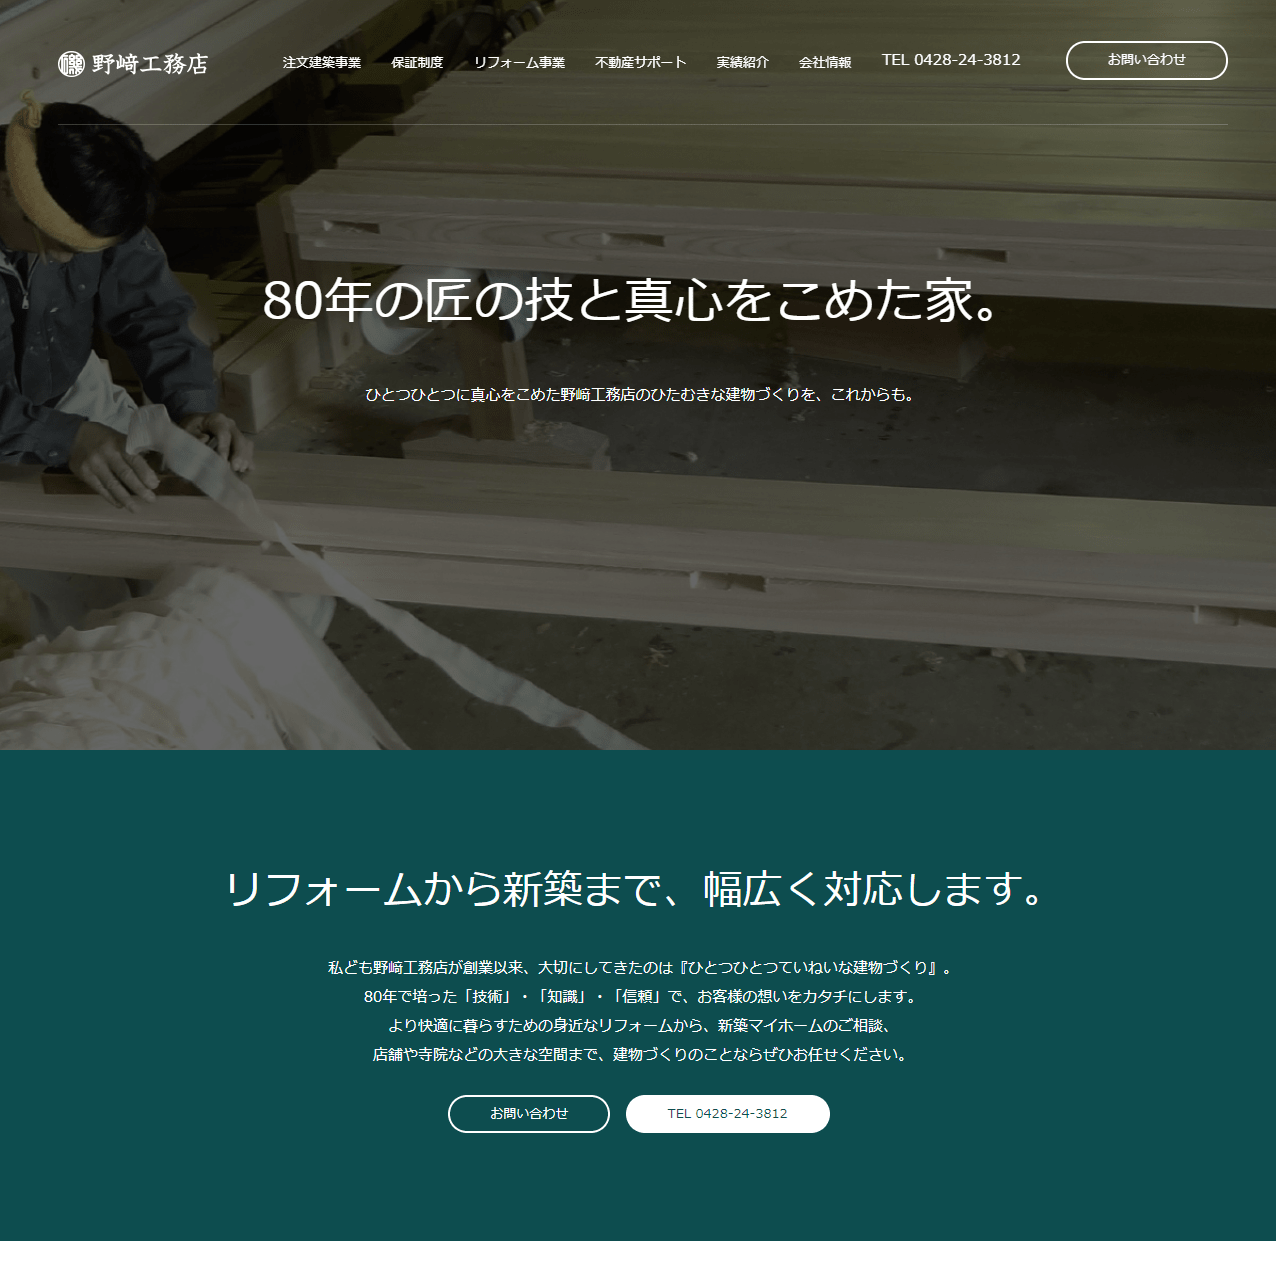 株式会社 野崎工務店|東京青梅市